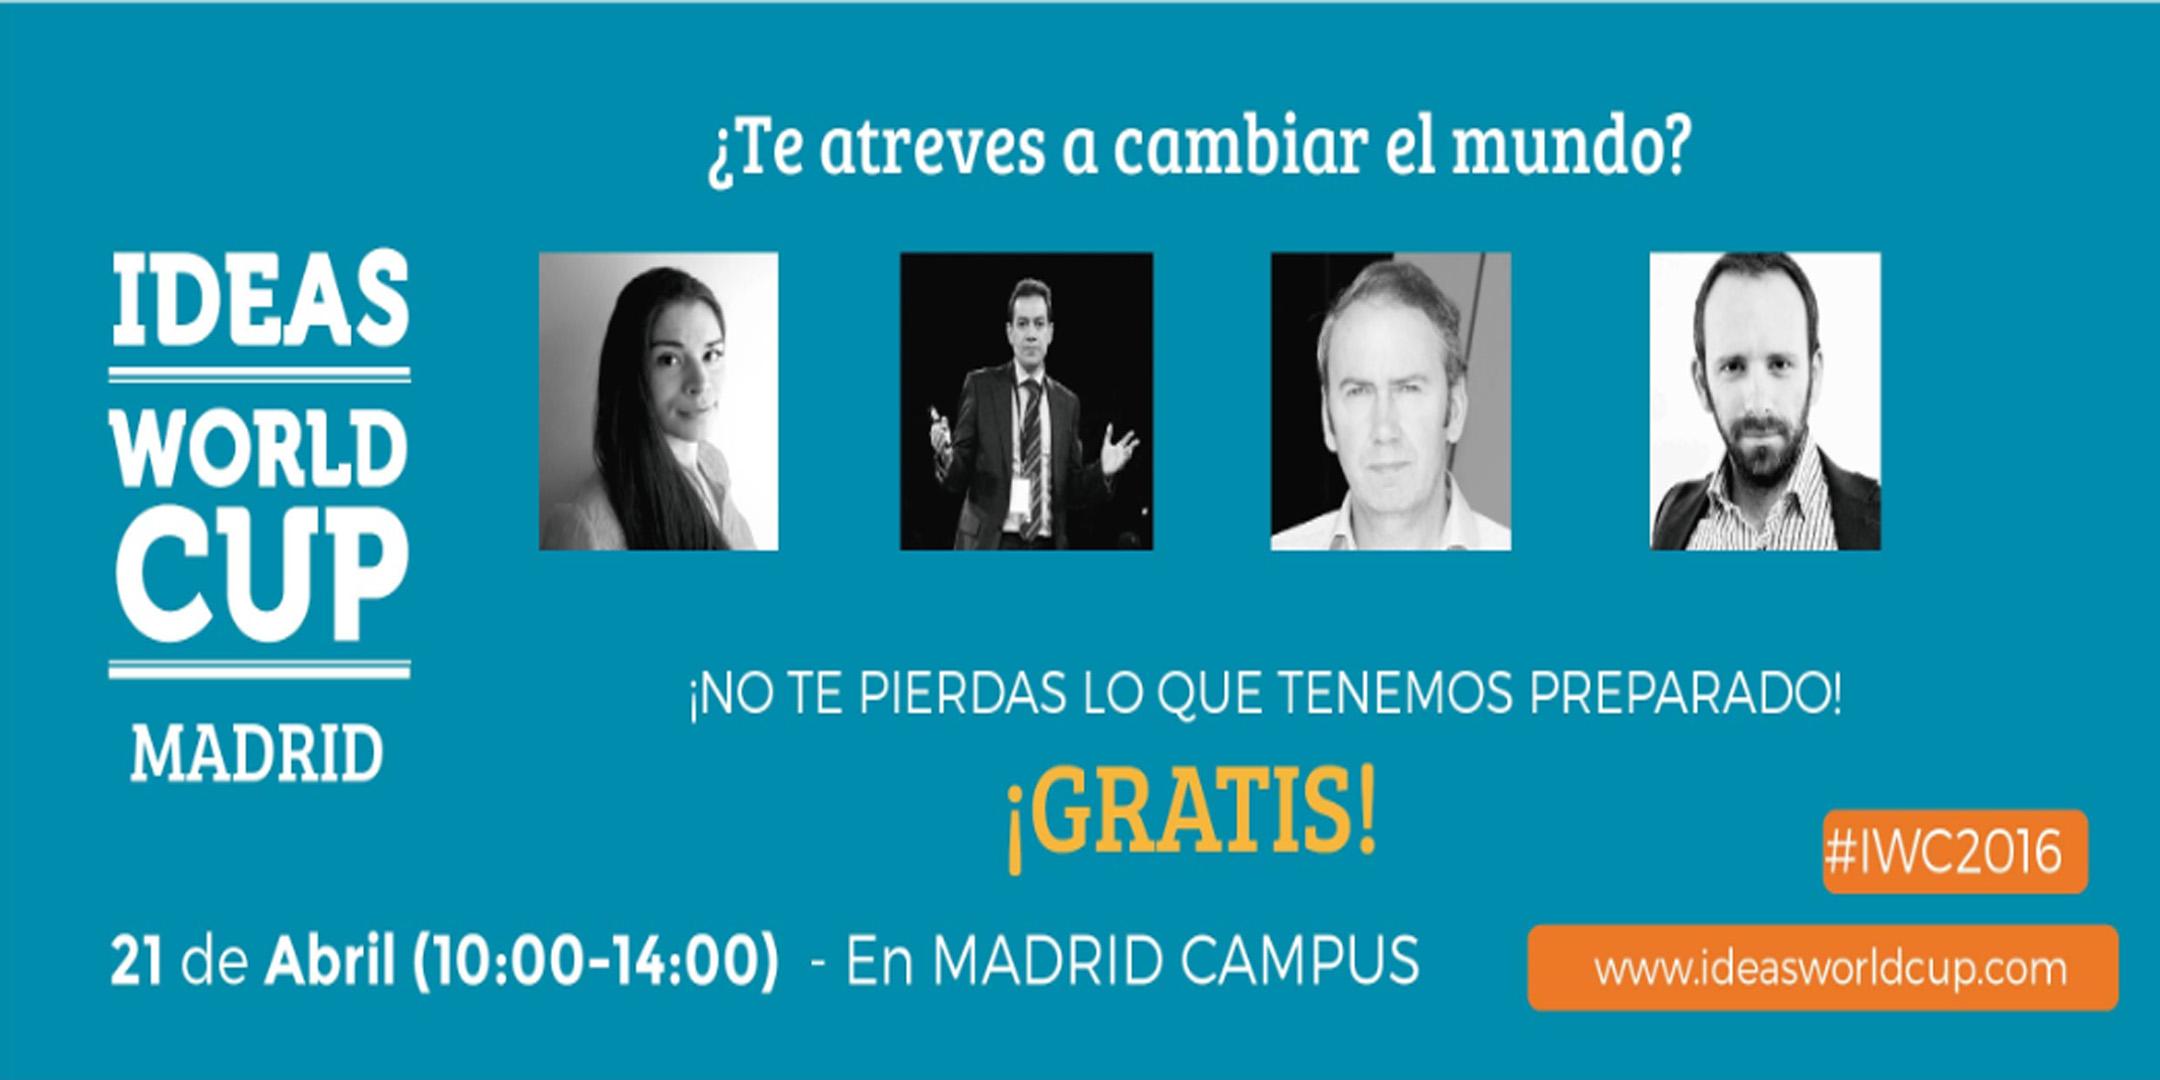 AGENDA MADRID evenbrite